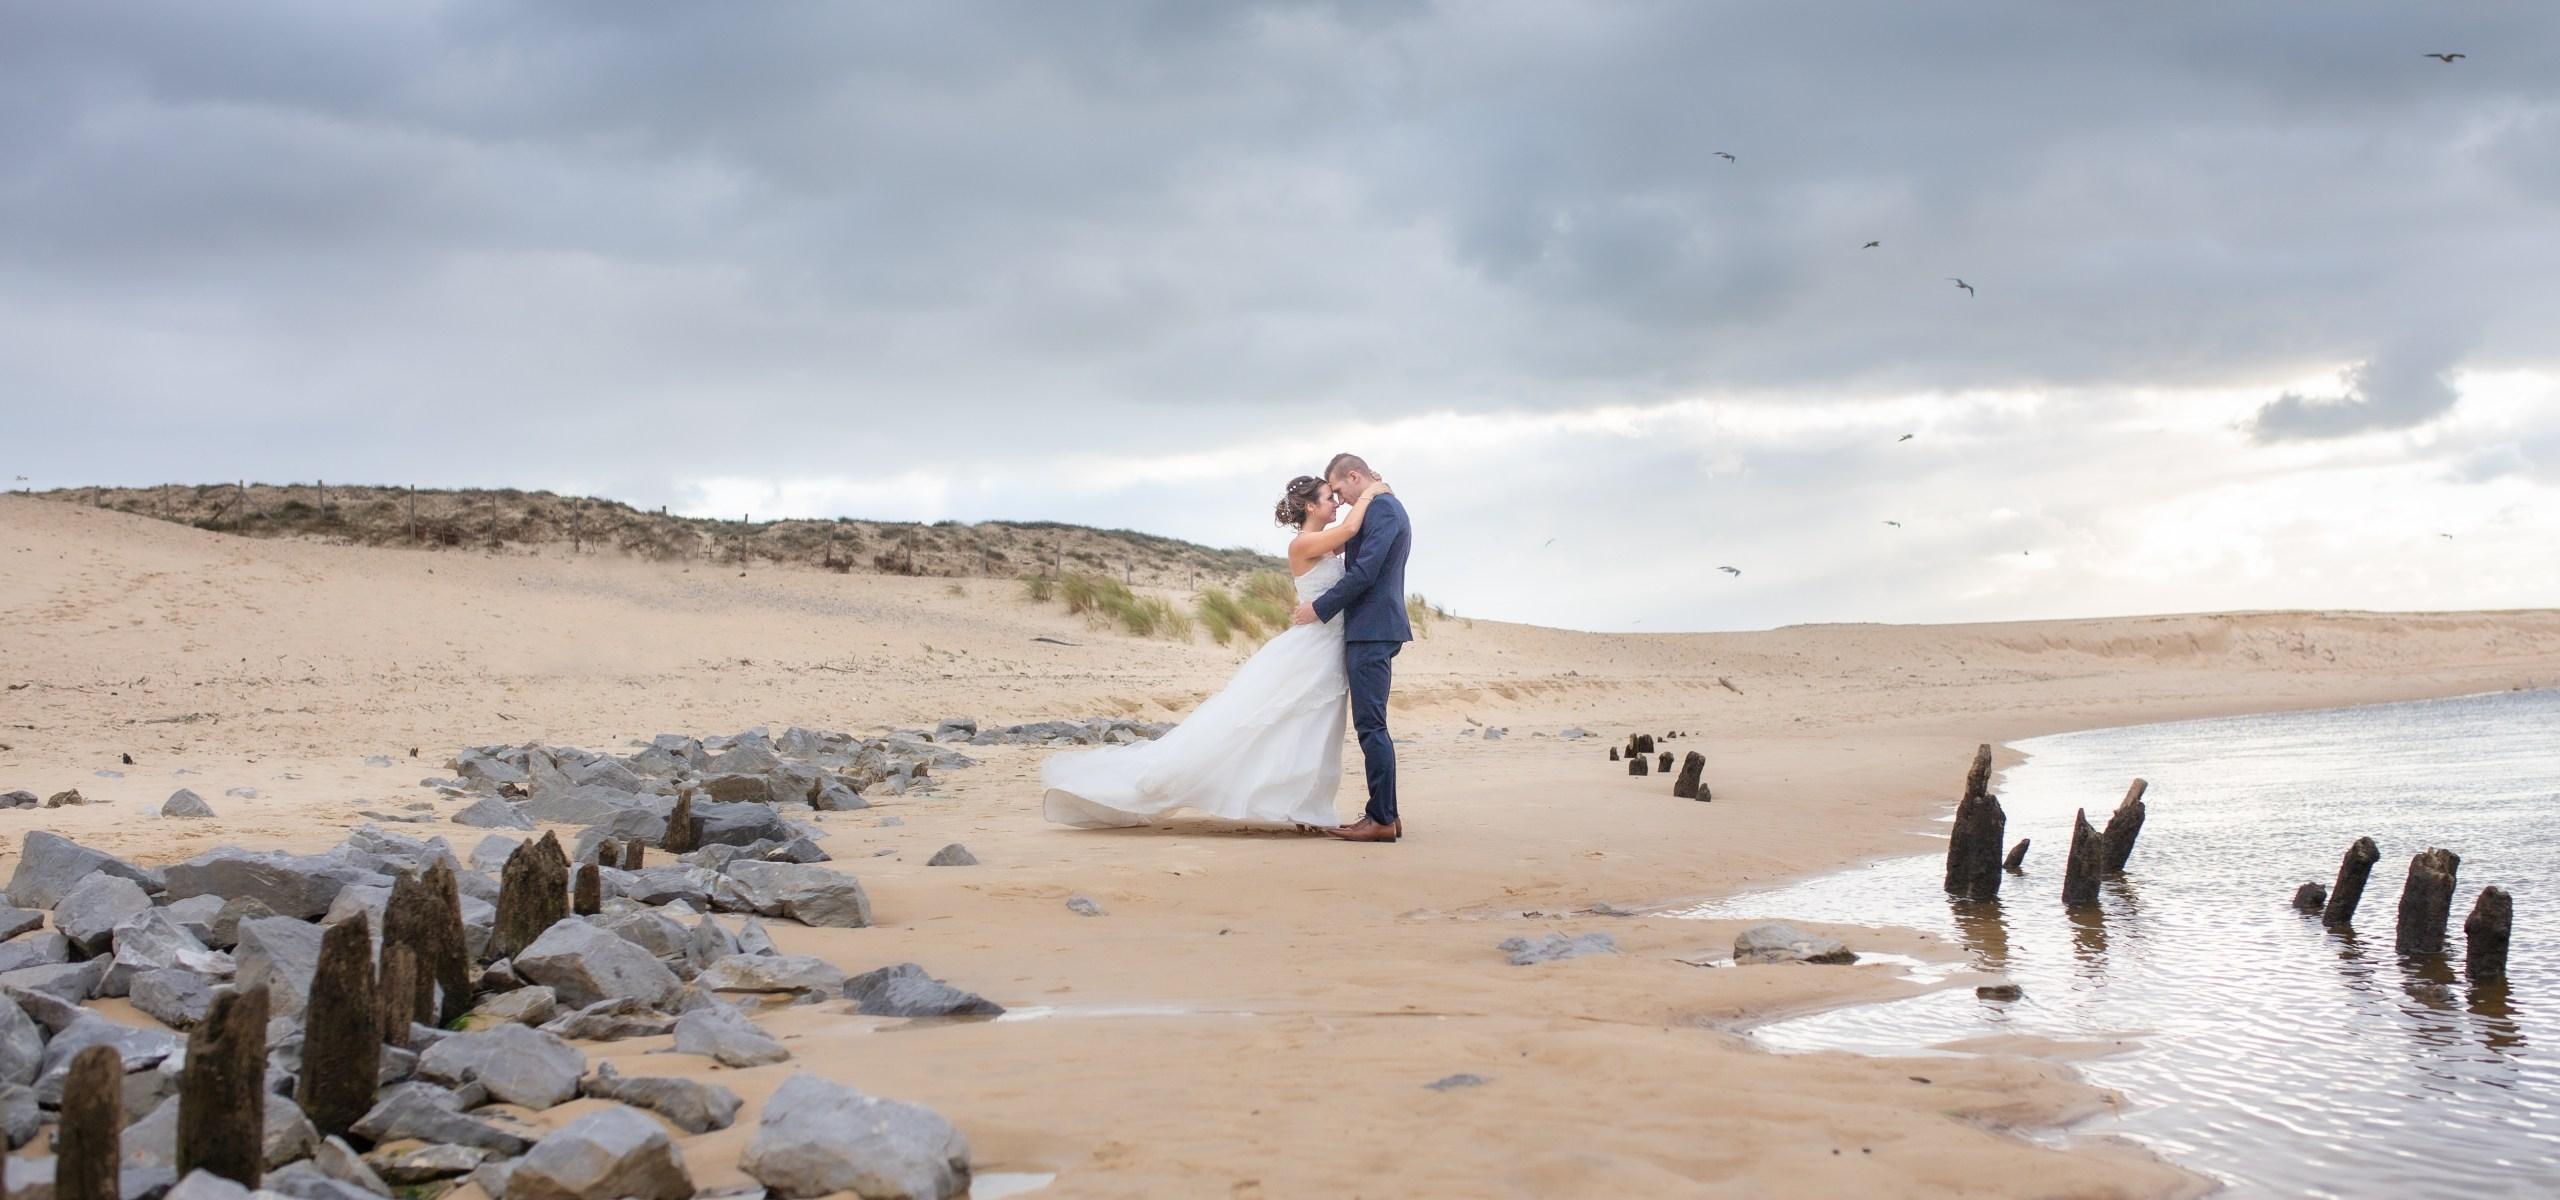 séance photo mariage plage courant d'huche